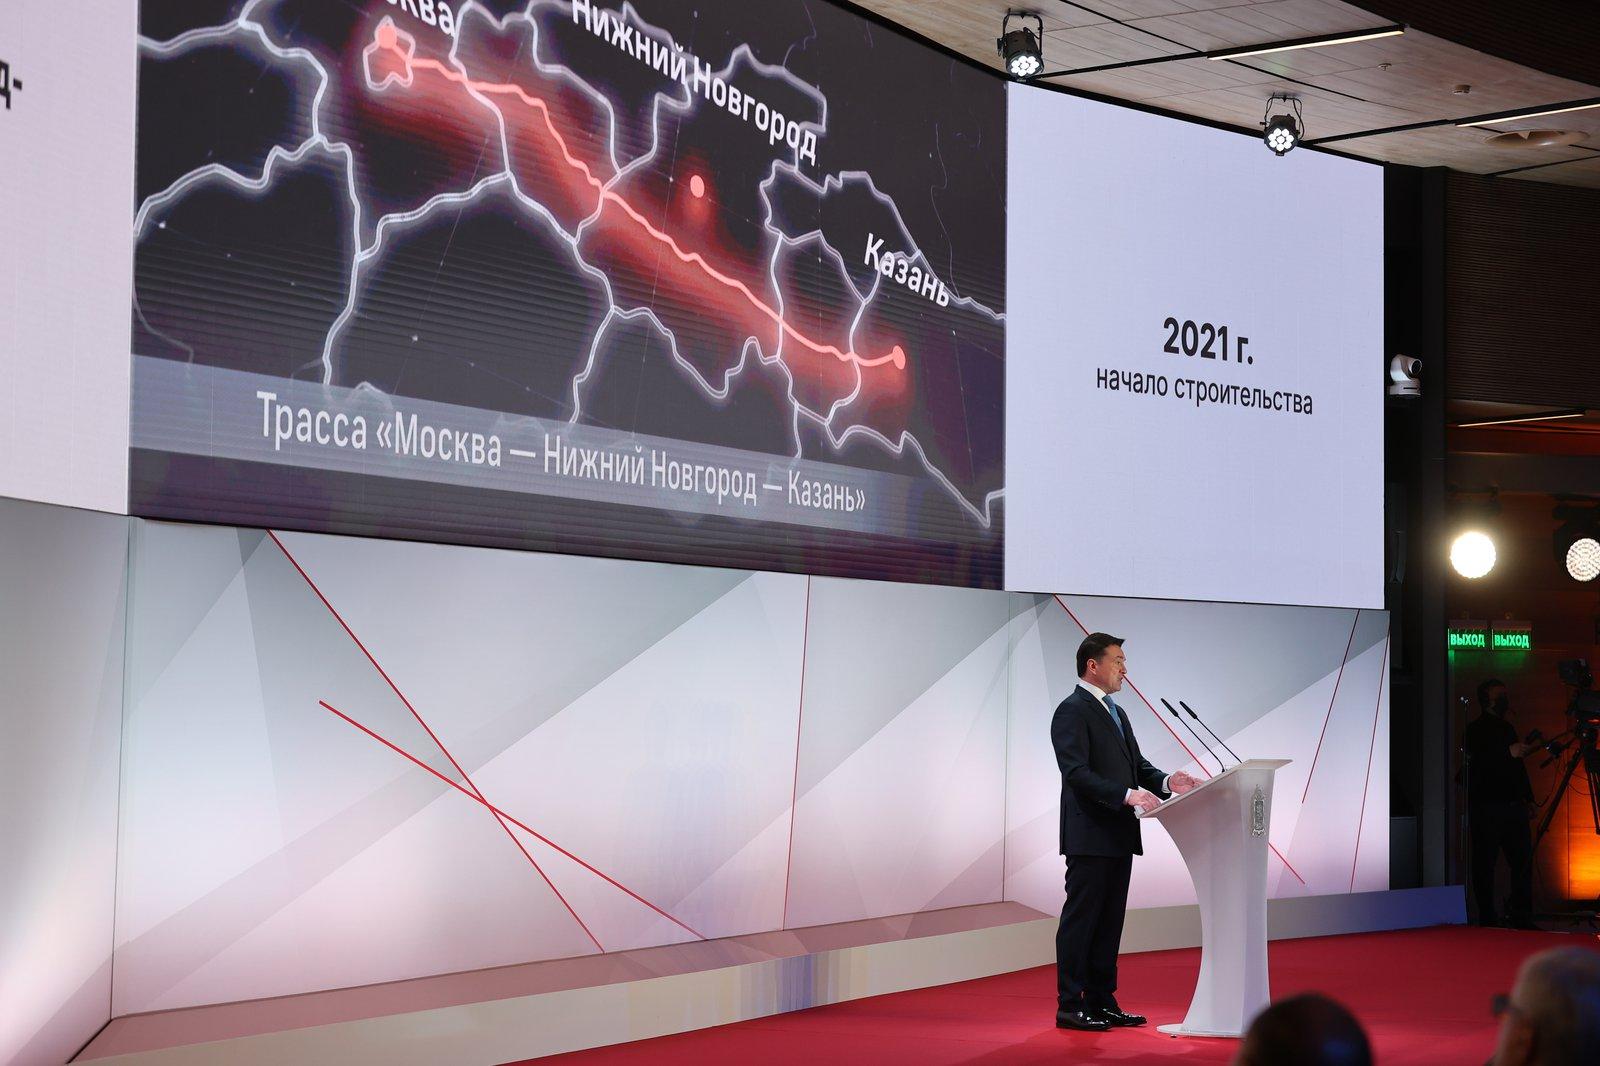 Андрей Воробьев губернатор московской области - Развитие дорог и транспорта. Как будем решать проблему с пробками и как нам помогли МЦД